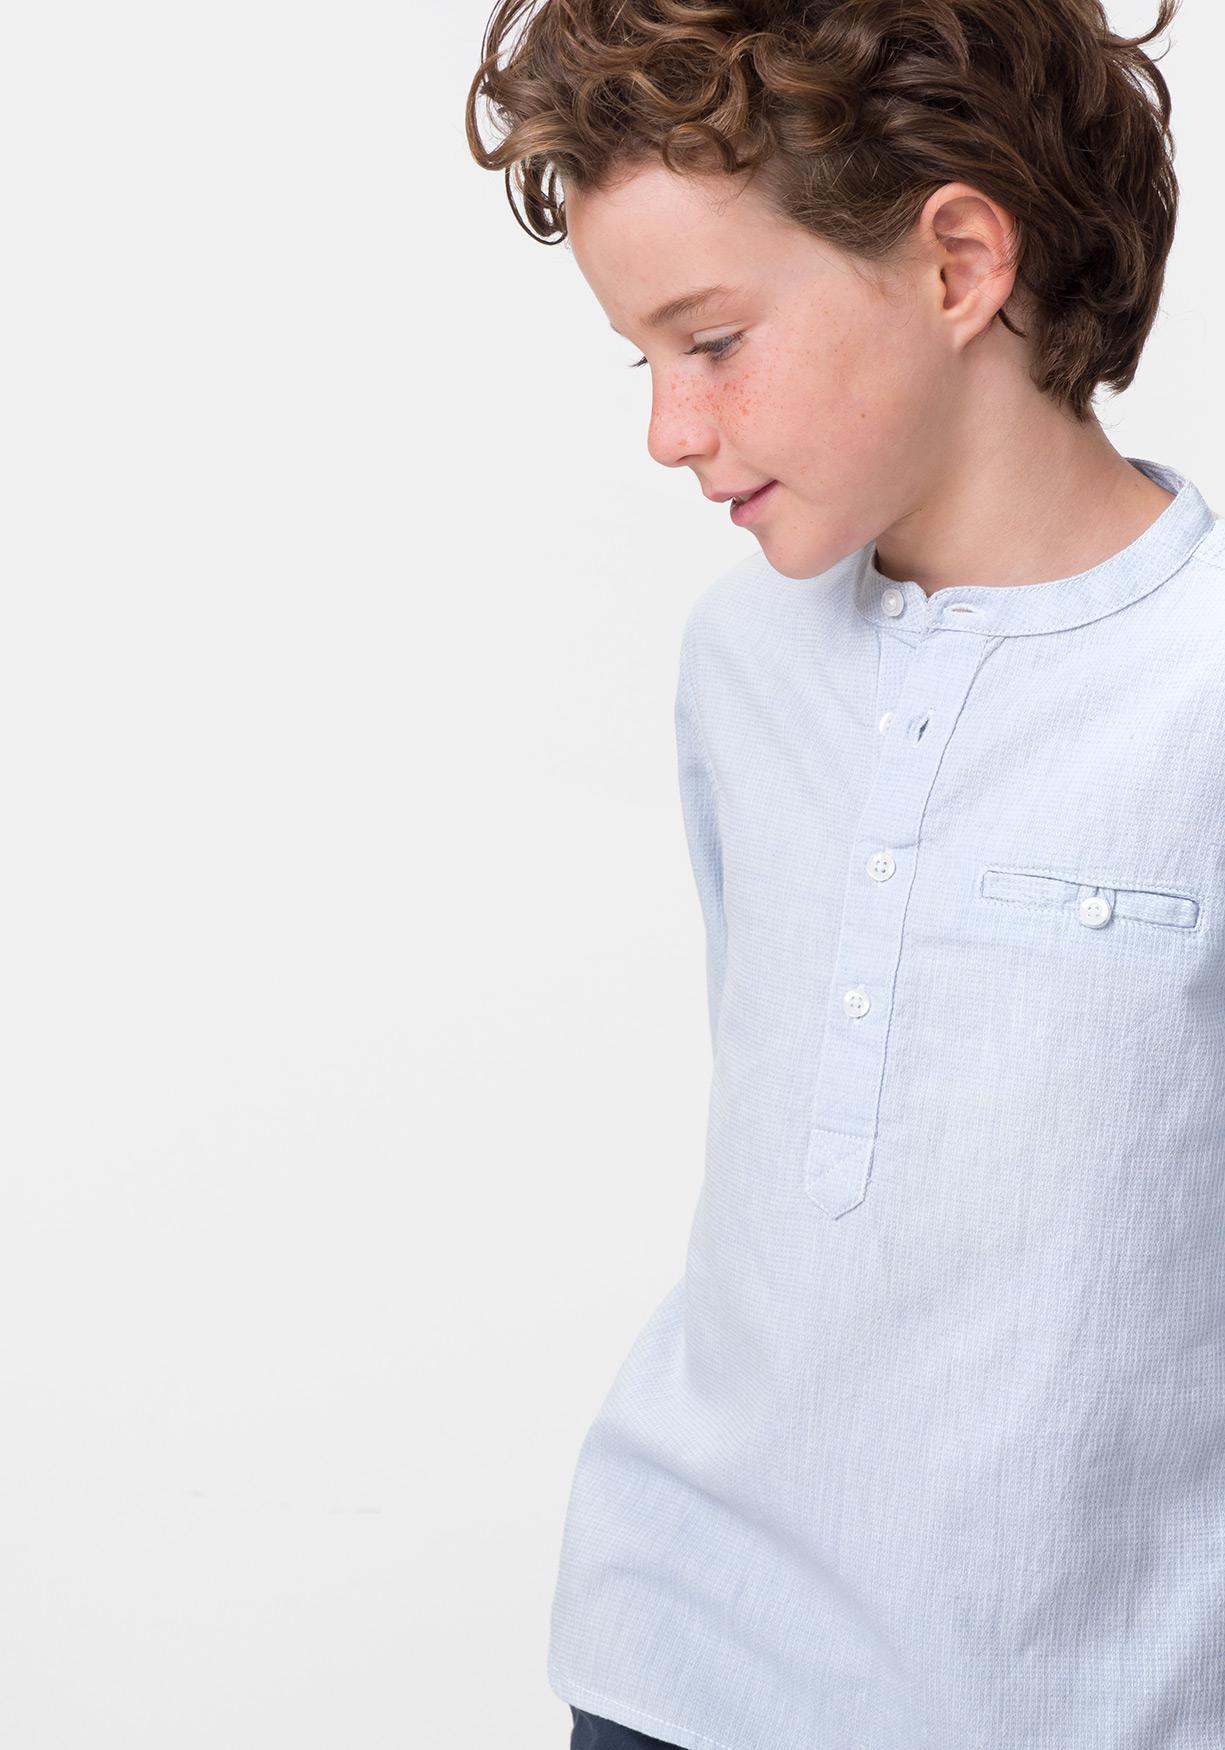 95df0ba211194 Comprar Camisa manga larga TEX. ¡Aprovéchate de nuestros precios y ...